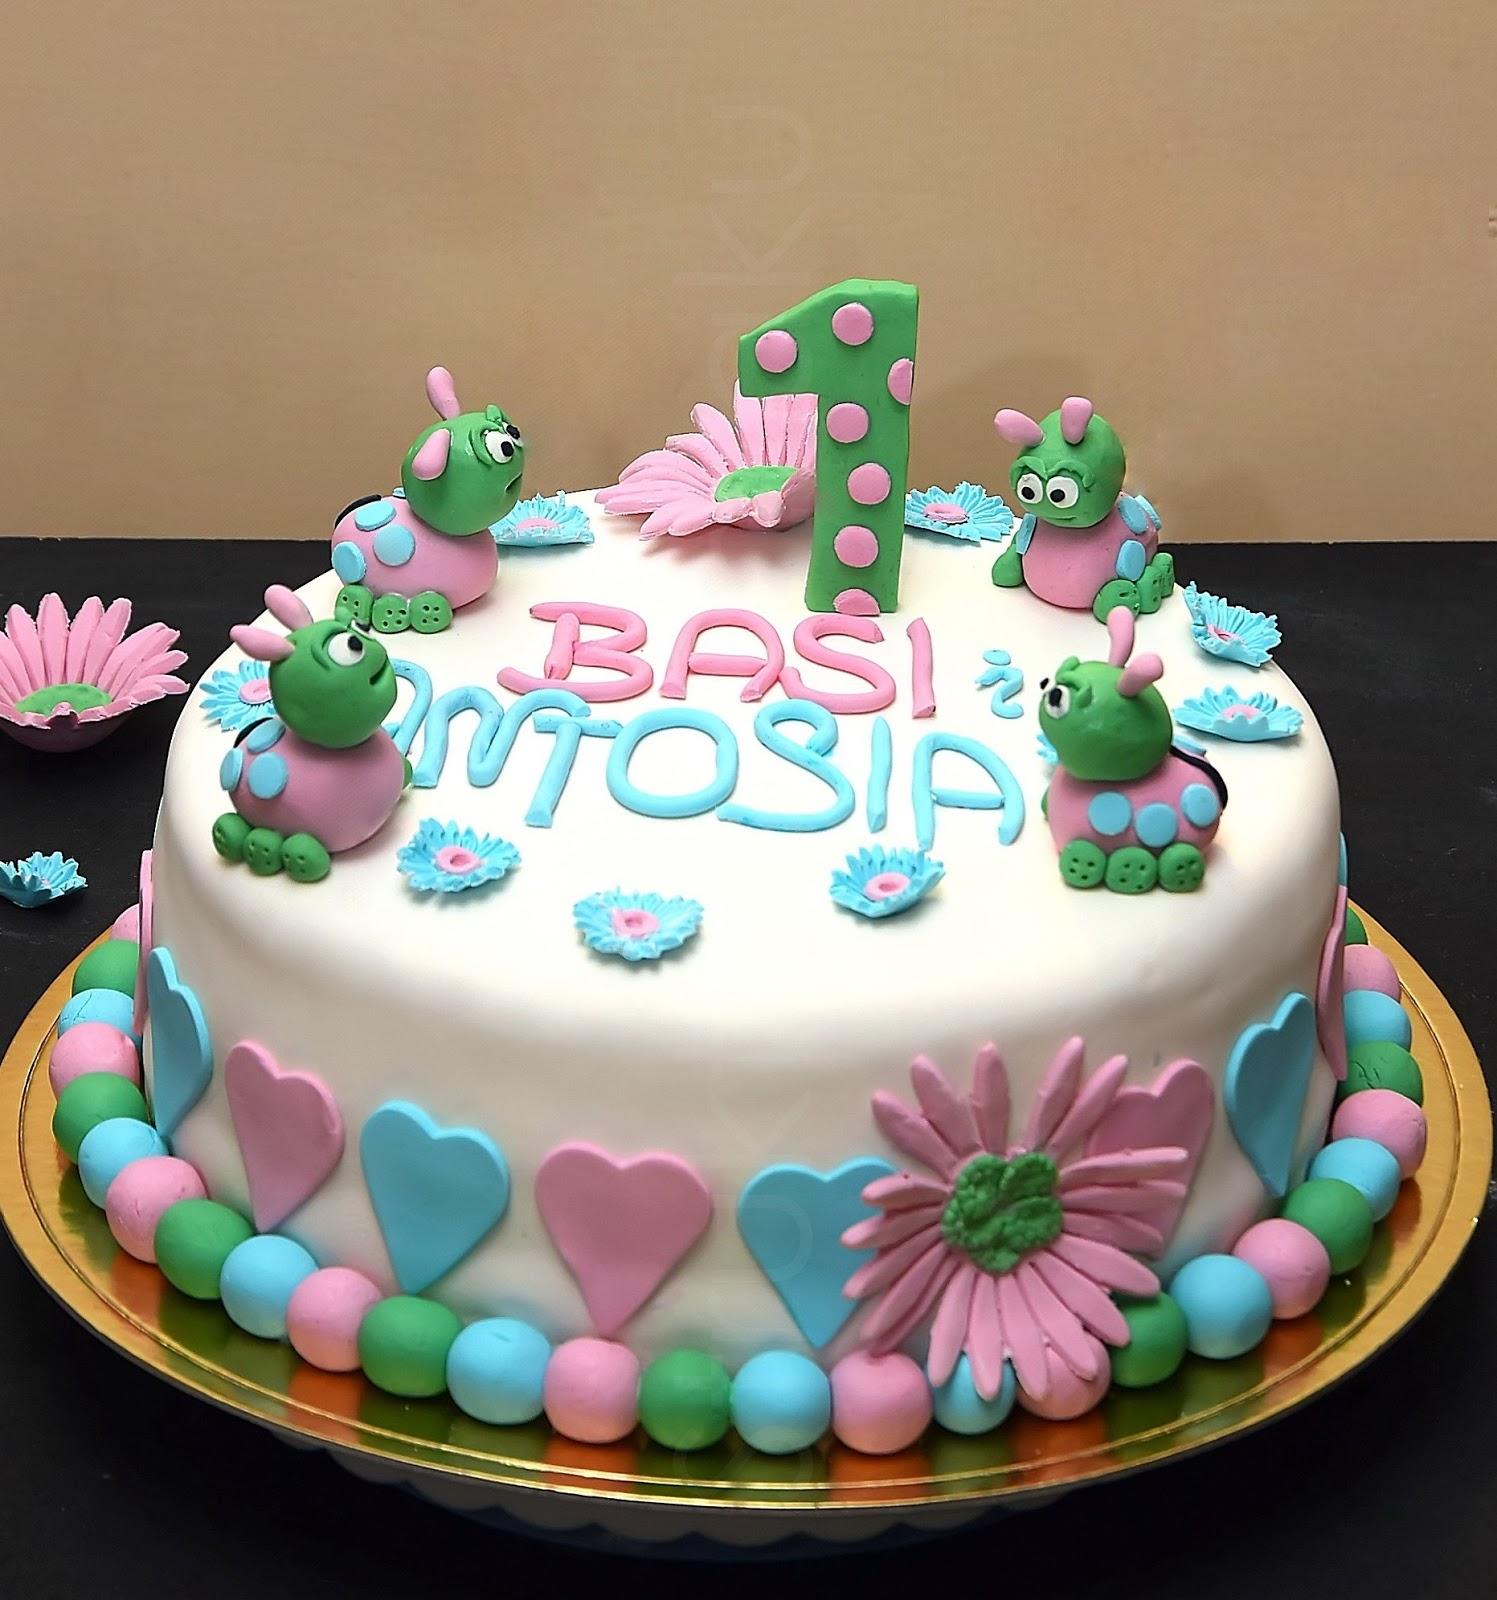 Tort Urodzinowy Ze Stworkami Potworkami Kulinaria Zblogowani